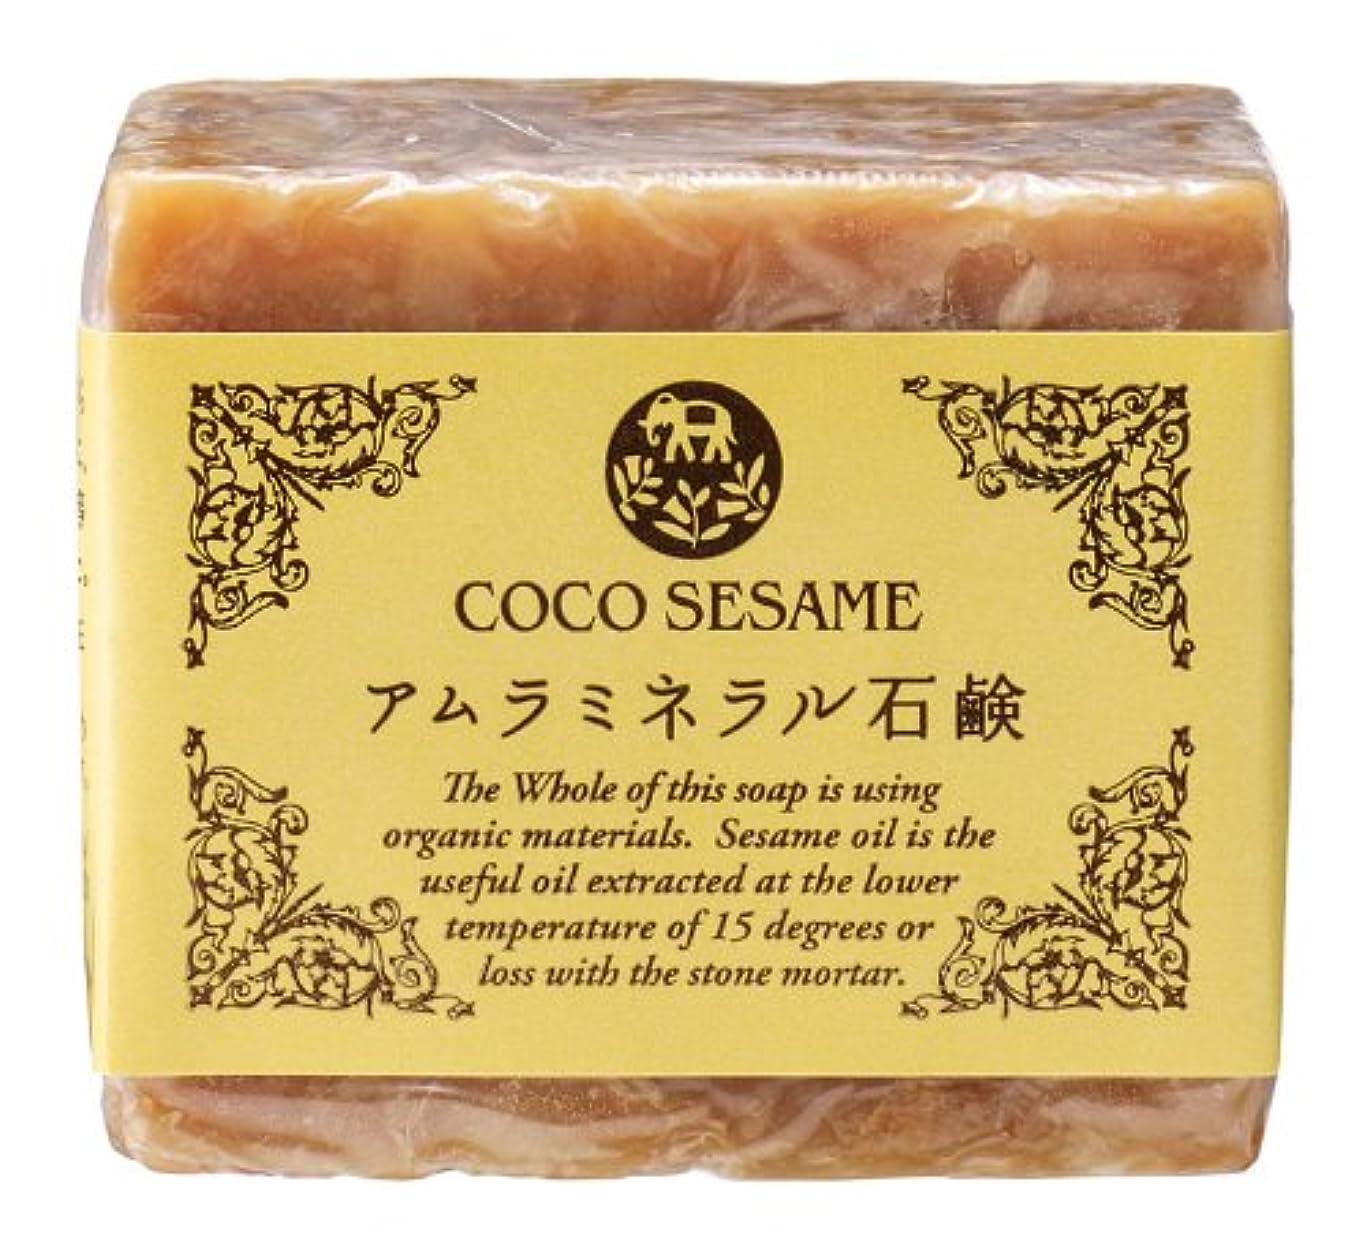 ココセサミ アムラミネラル石鹸 100g